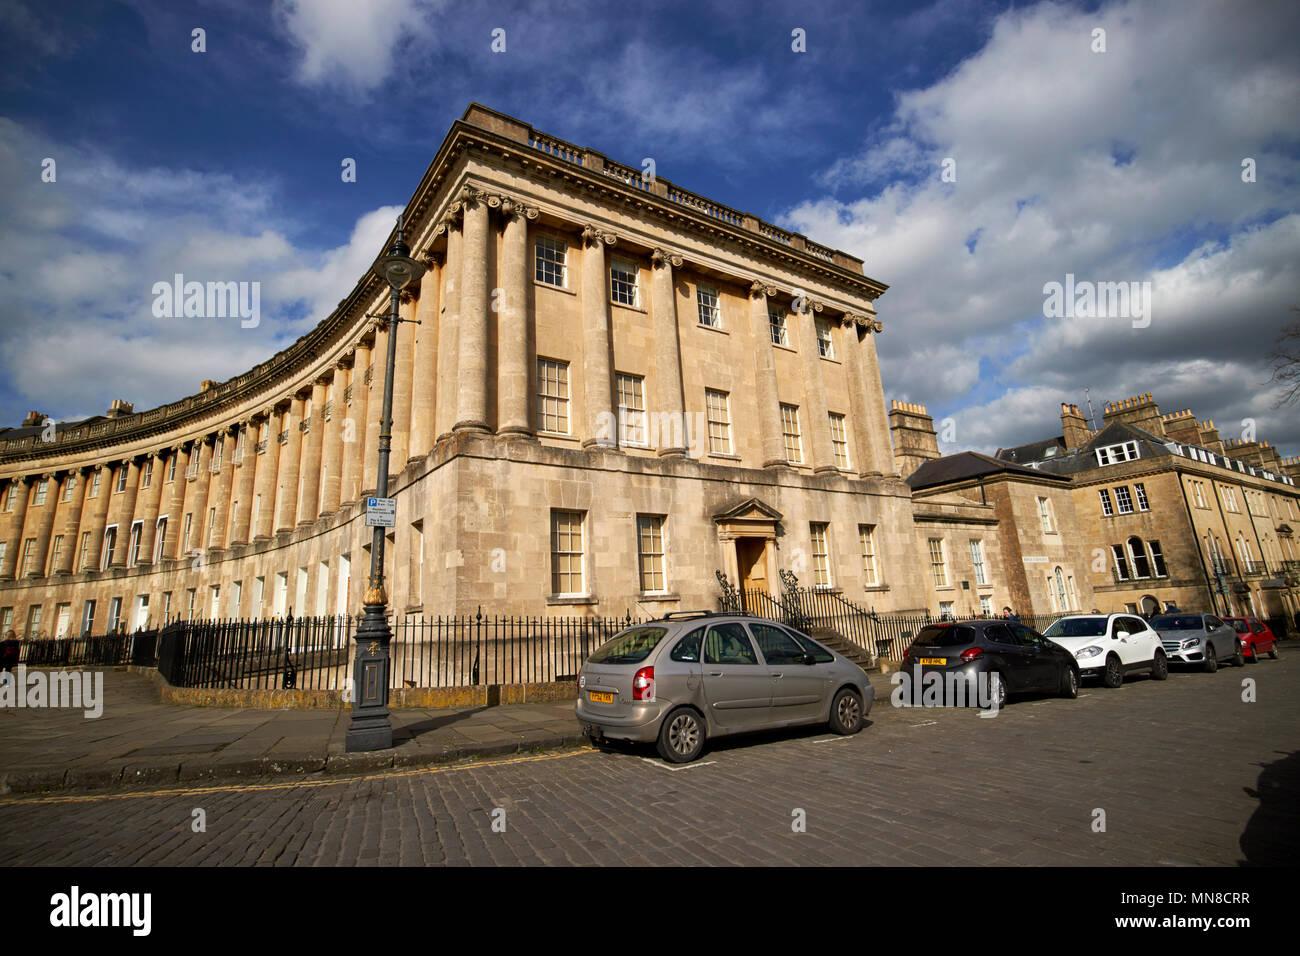 Número 1 de Royal Crescent baño Preservation Trust sede y museo camino residencial casas georgianas Bath Inglaterra Imagen De Stock